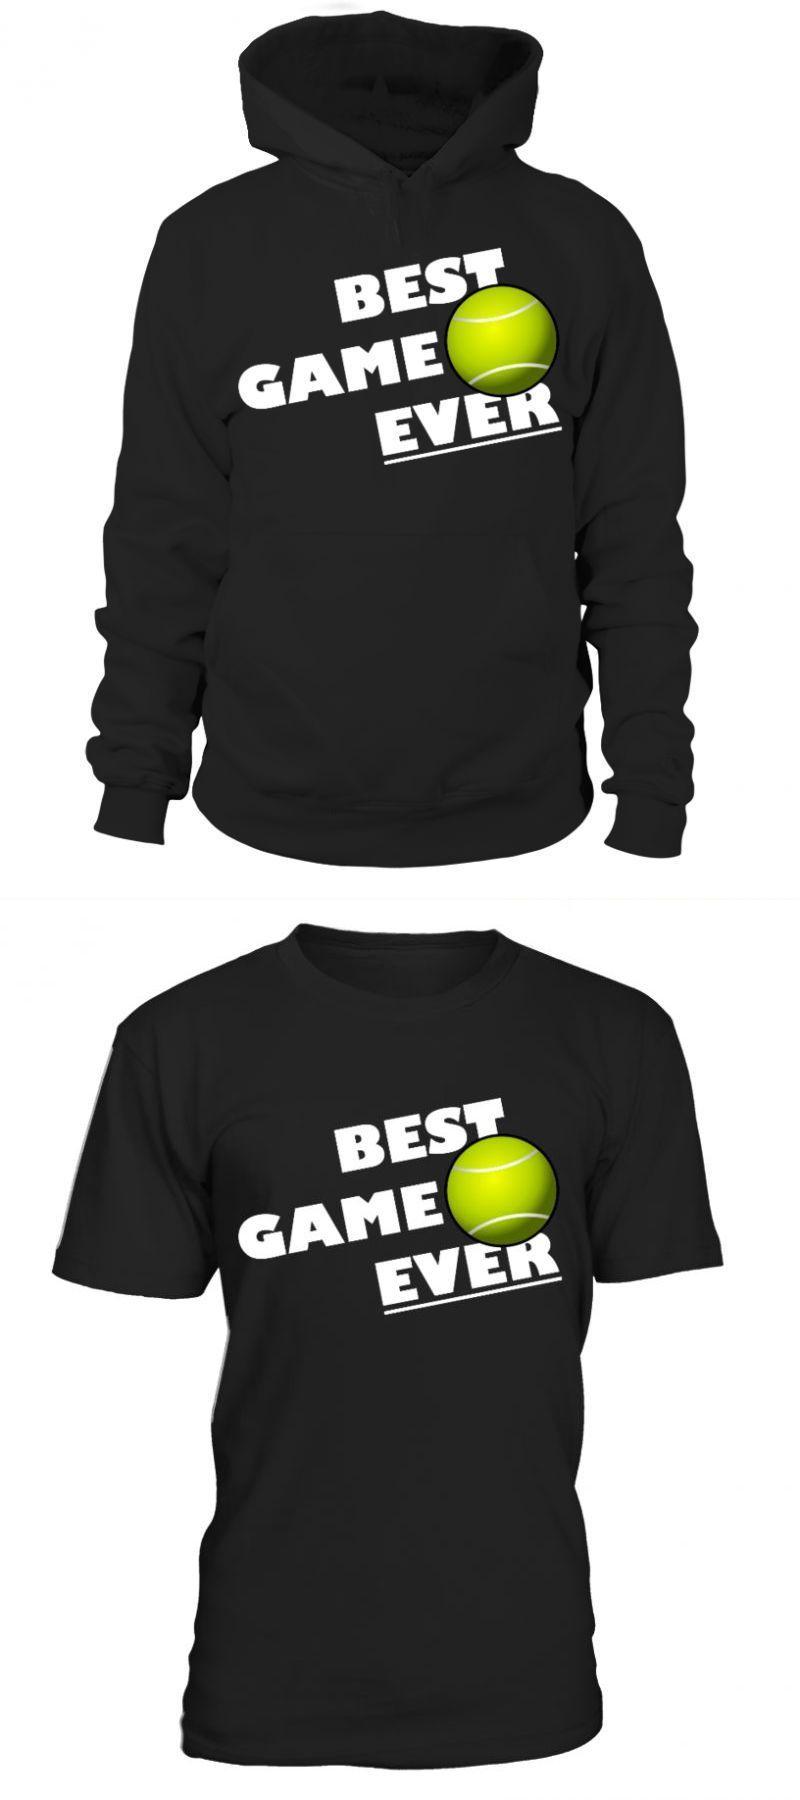 Tennis team t shirt ideas tennis best game ever tennis